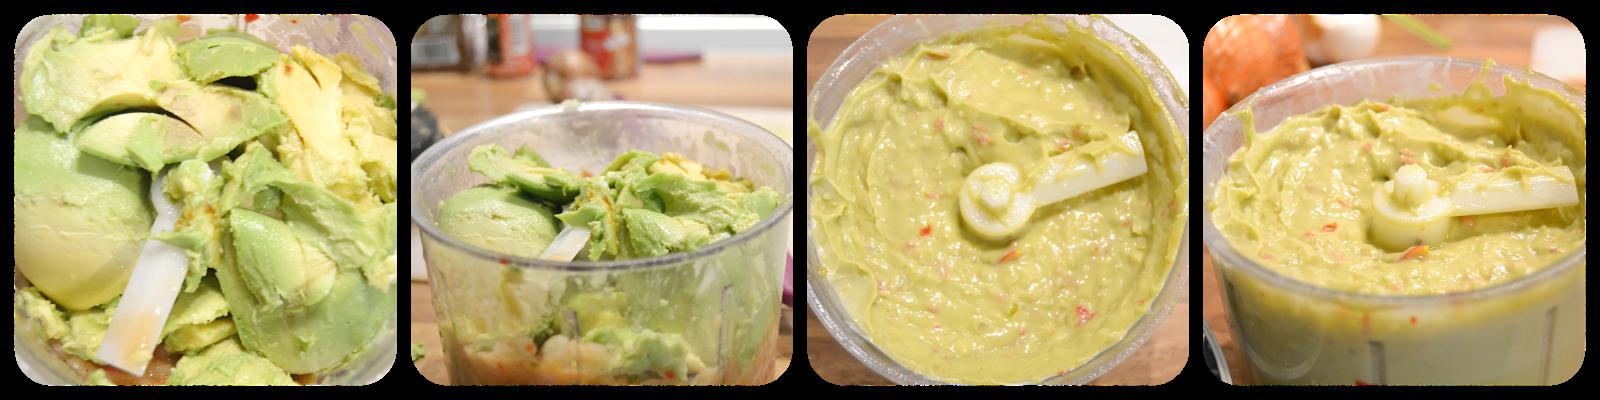 frische avocadocreme guacamole kaufen